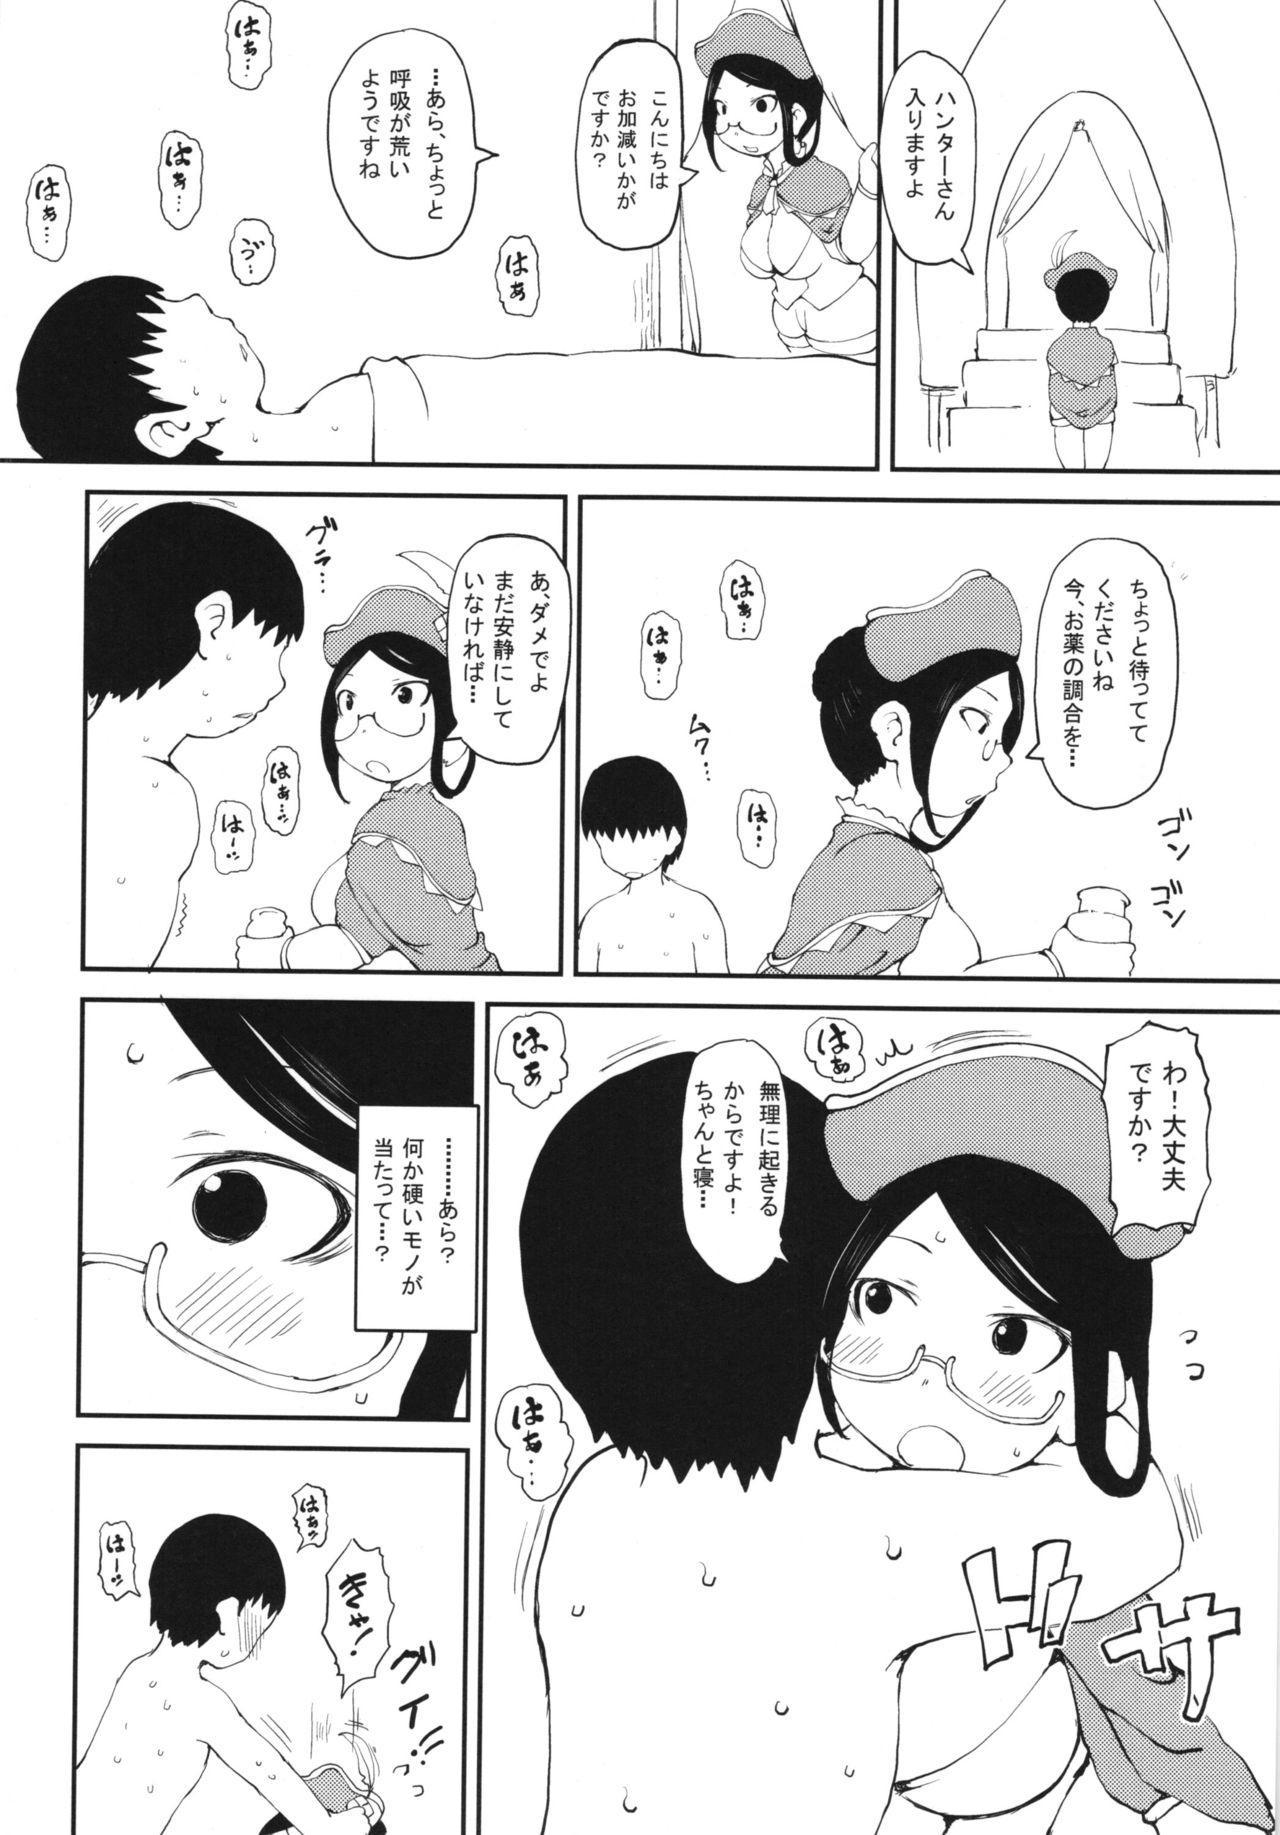 Kyouryuu Uketsukejou 3